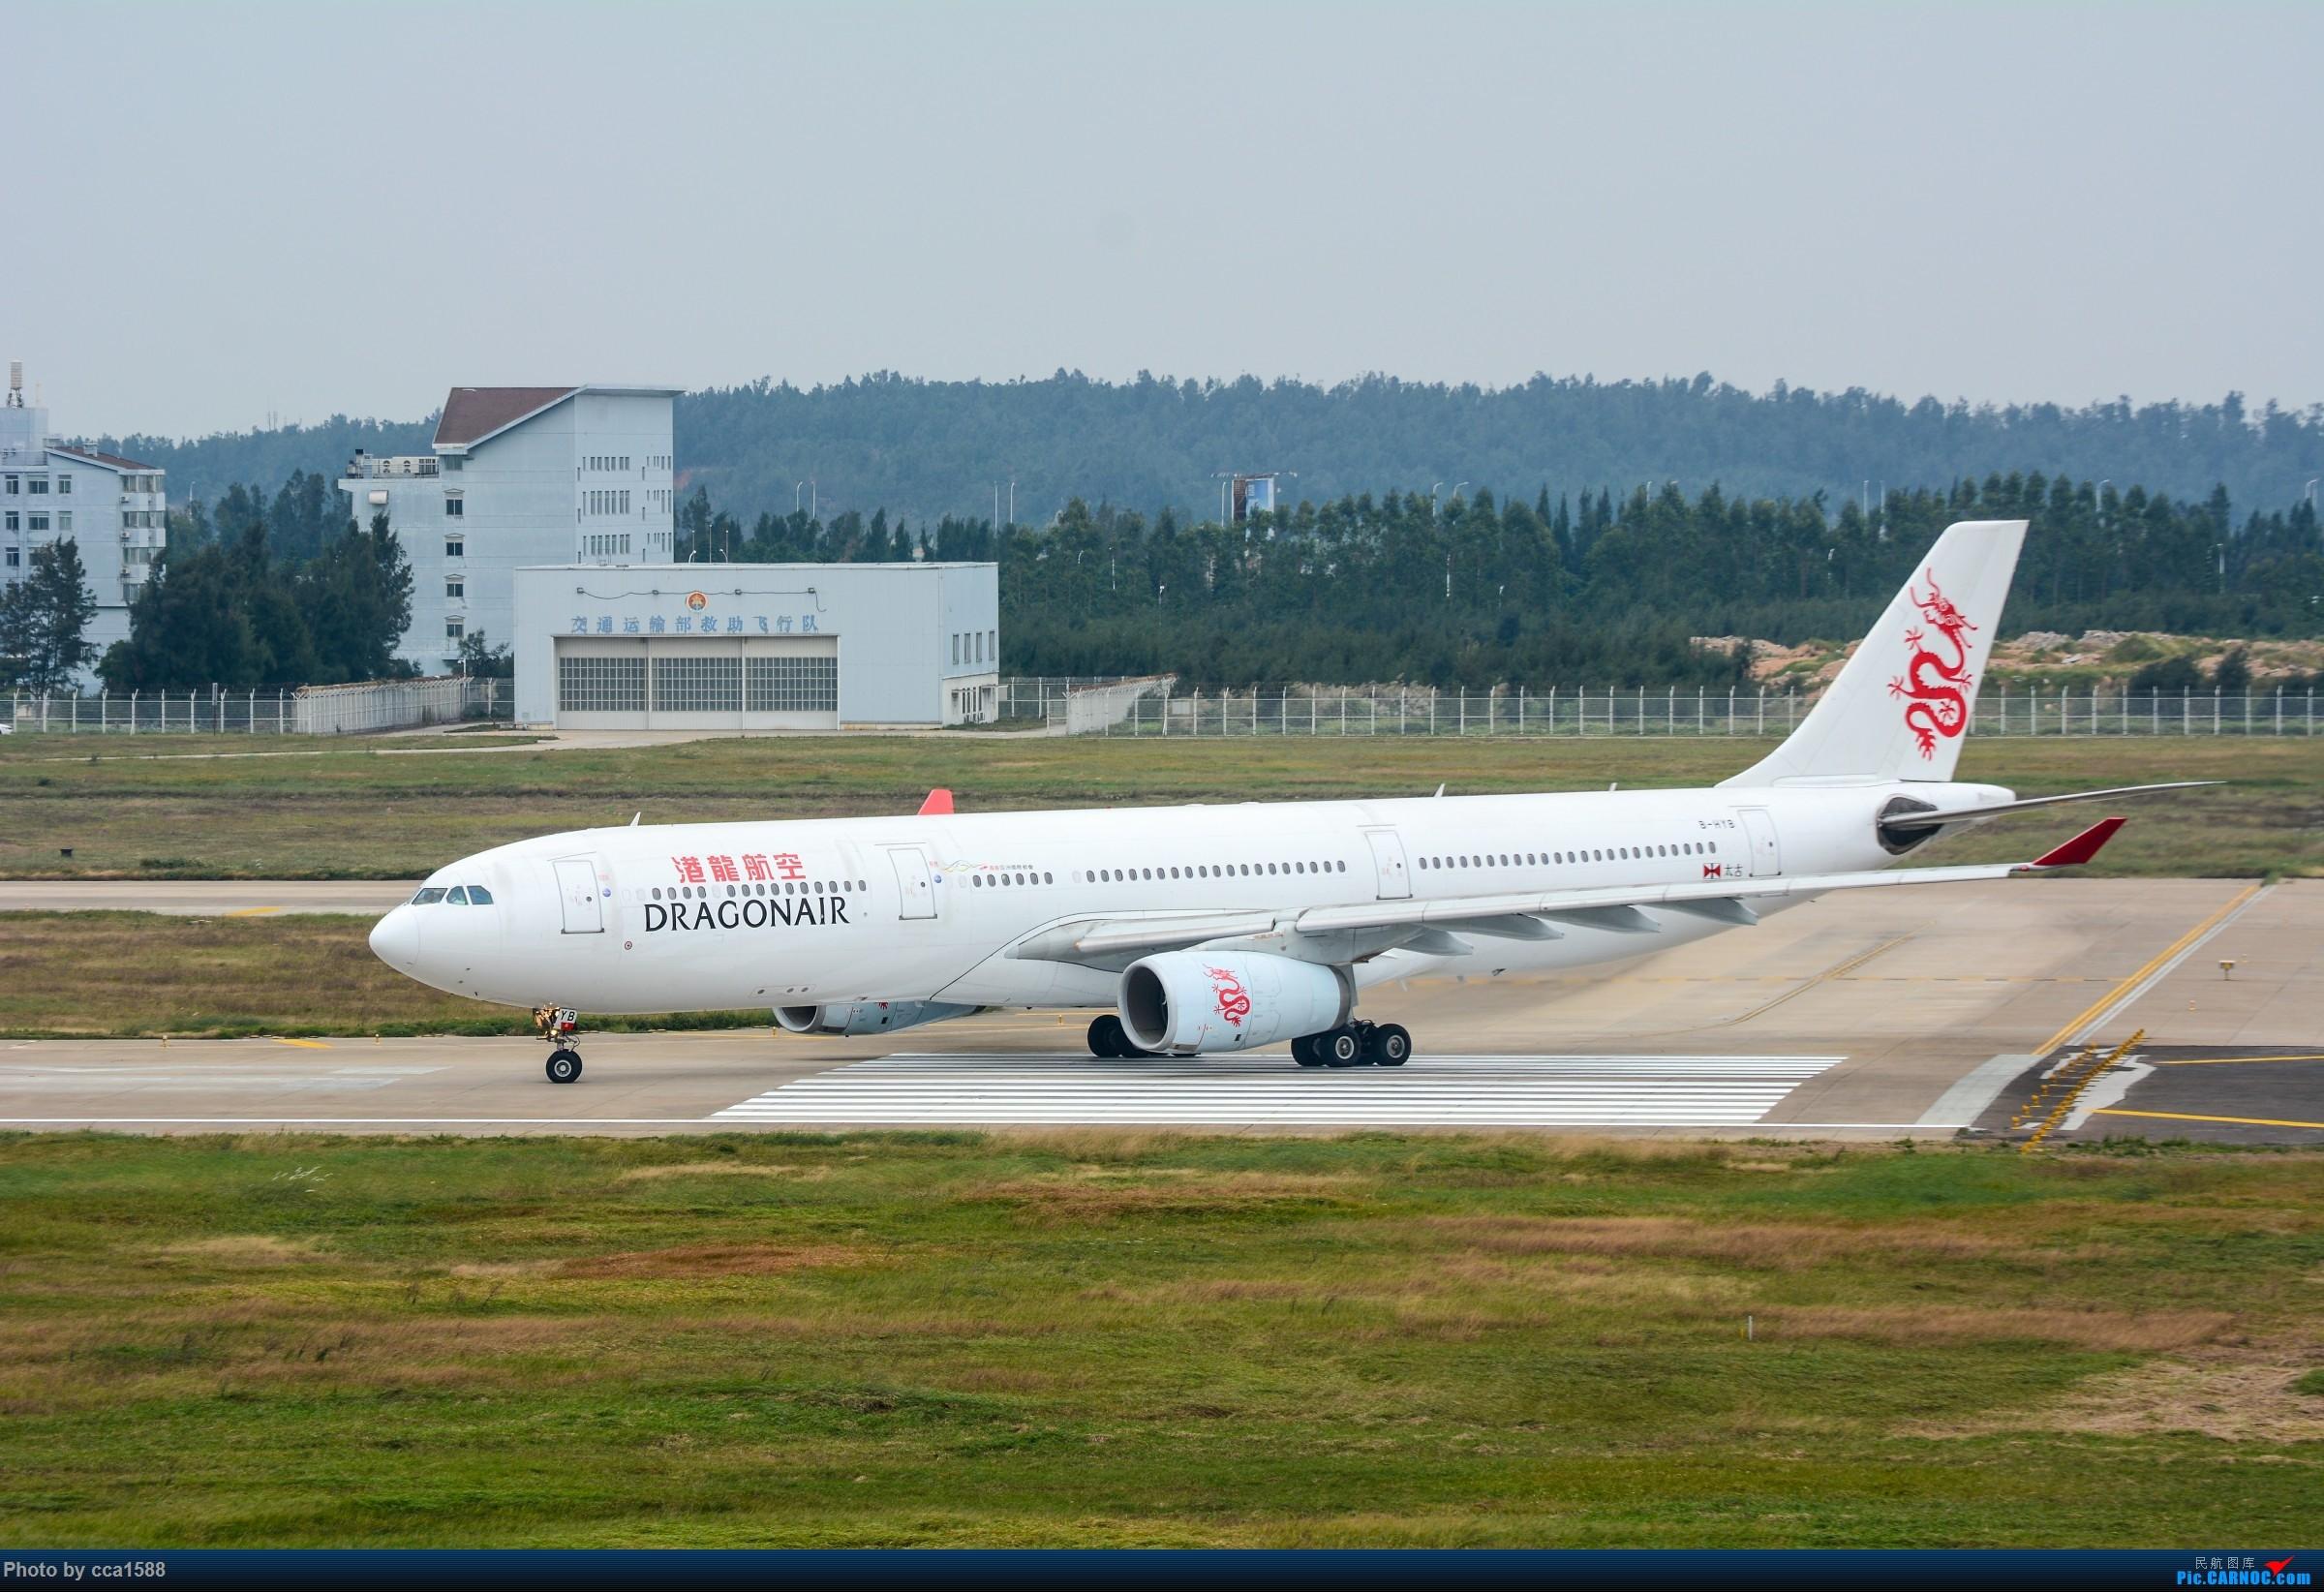 """Re:[原创]【福州飞友会】蹲点两天终于等到你~厦航首架787-9""""金砖梦想号"""" AIRBUS A330-300 B-HYB 中国福州长乐国际机场"""